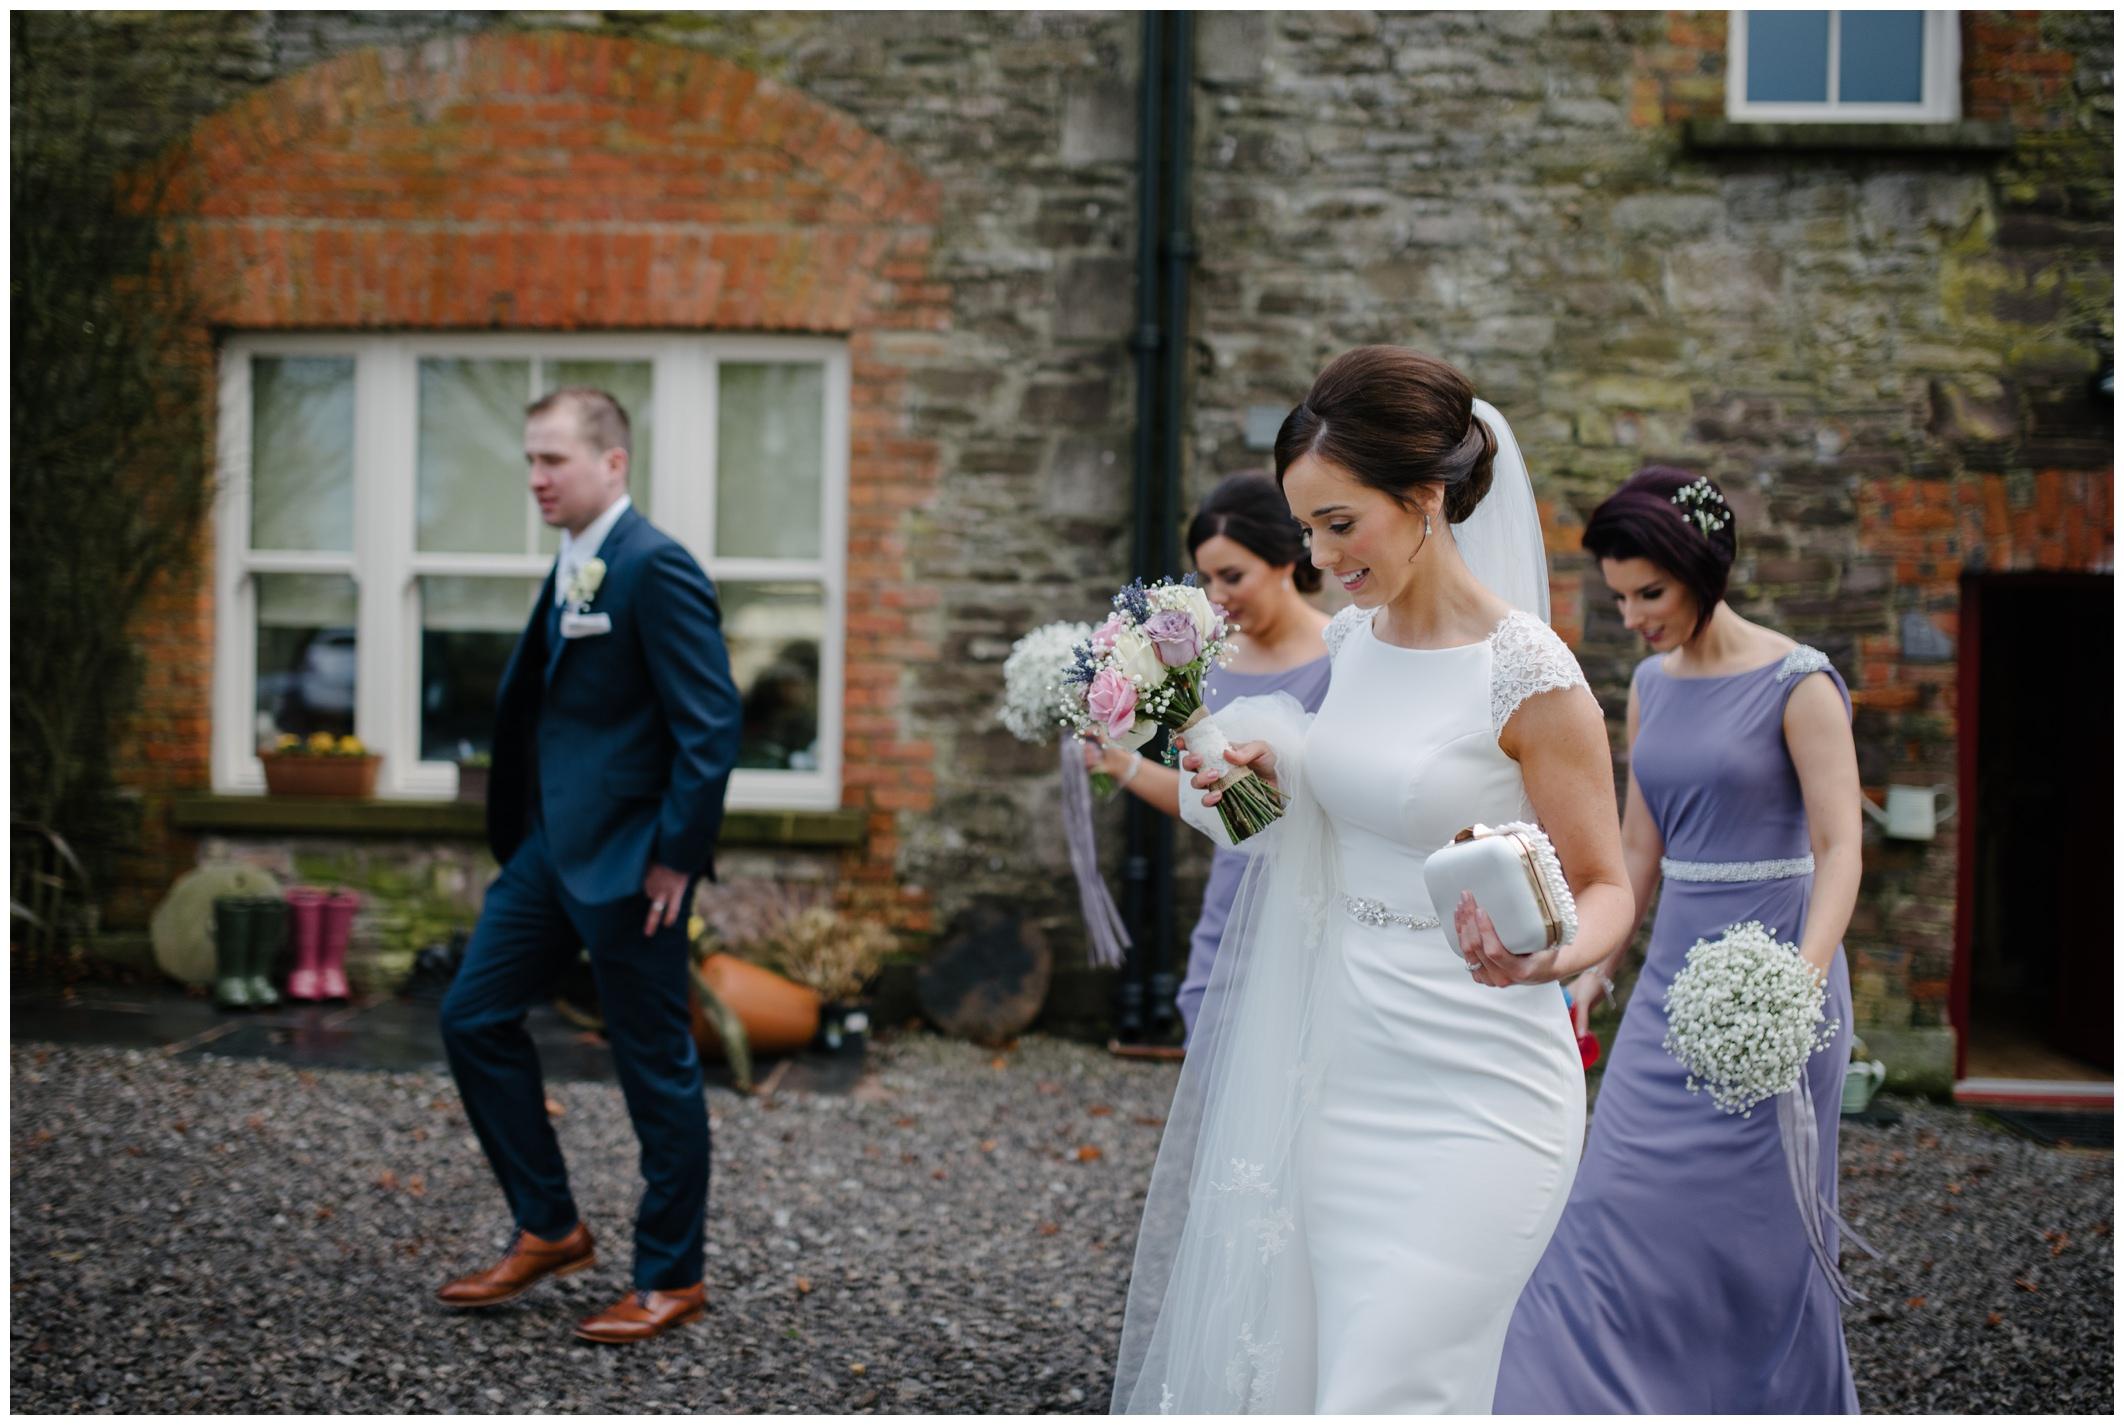 nicola_colm_villa_rose_wedding_jude_browne_photography_0075.jpg